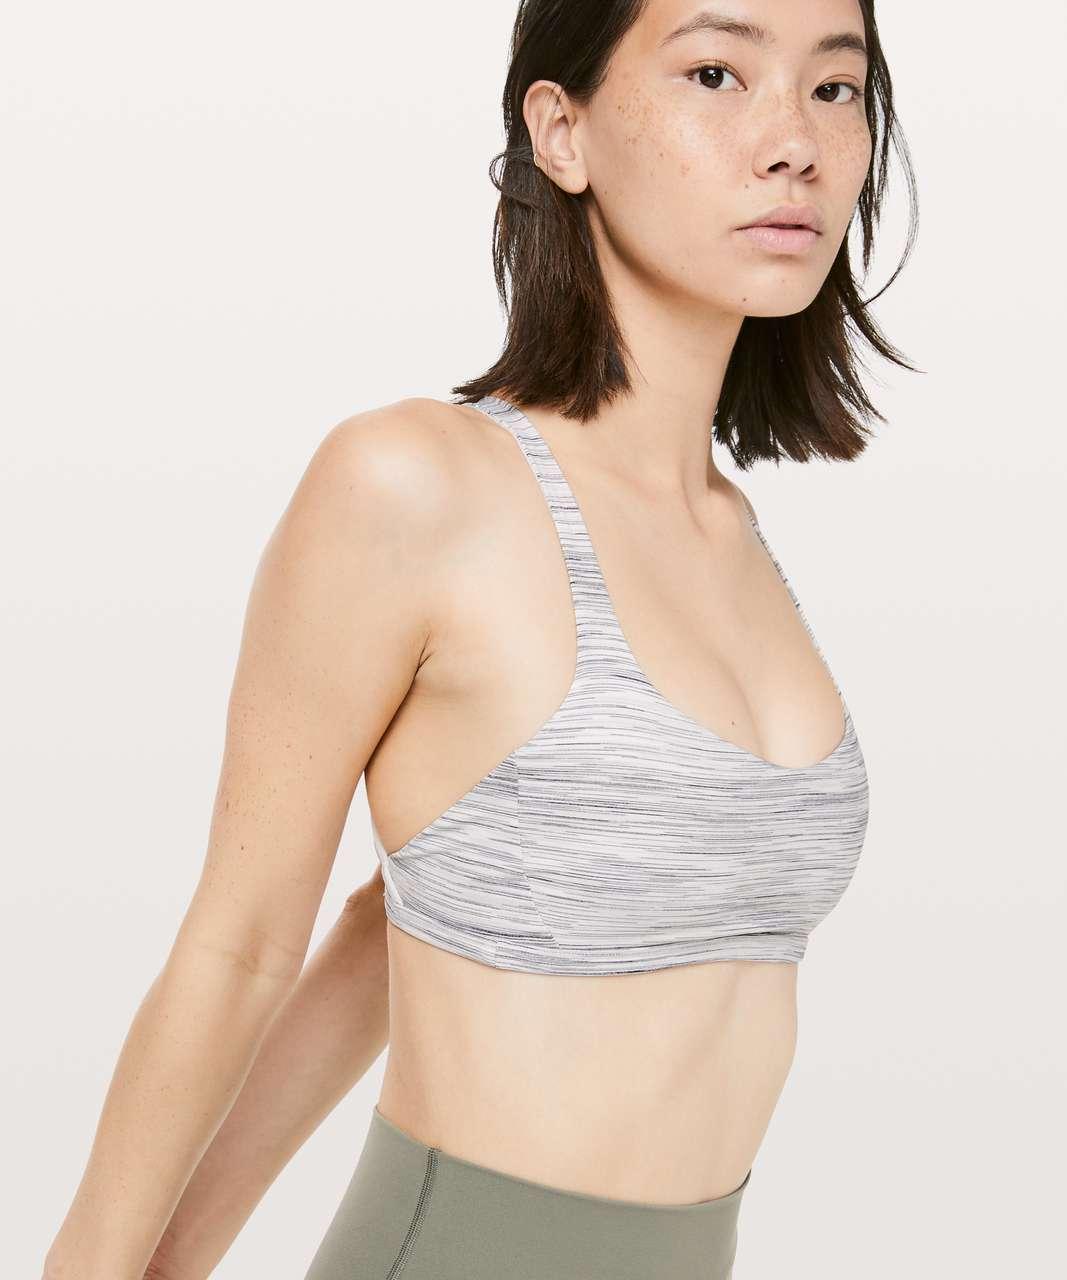 Lululemon Free To Be Zen Bra - Space Dye Camo White Silver Spoon / Ocean Mist